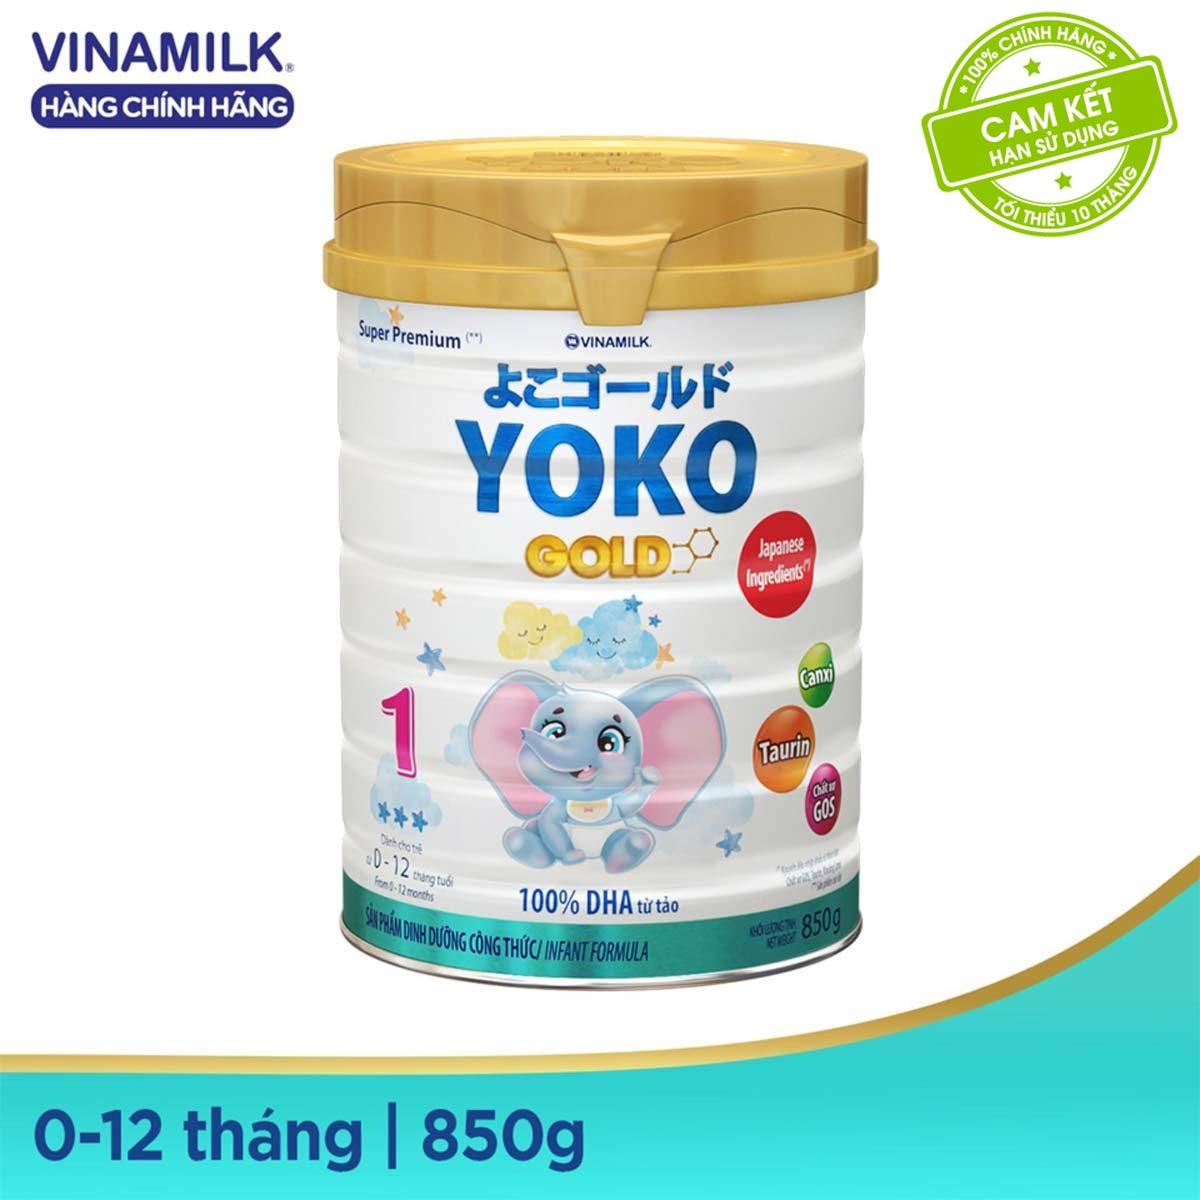 Mã Giảm Giá [Freeship HCM & HN] Sữa Bột Vinamilk Yoko Gold 1 - Hộp Thiếc 850g - Dành Cho Bé 0-12 Tháng Tuổi